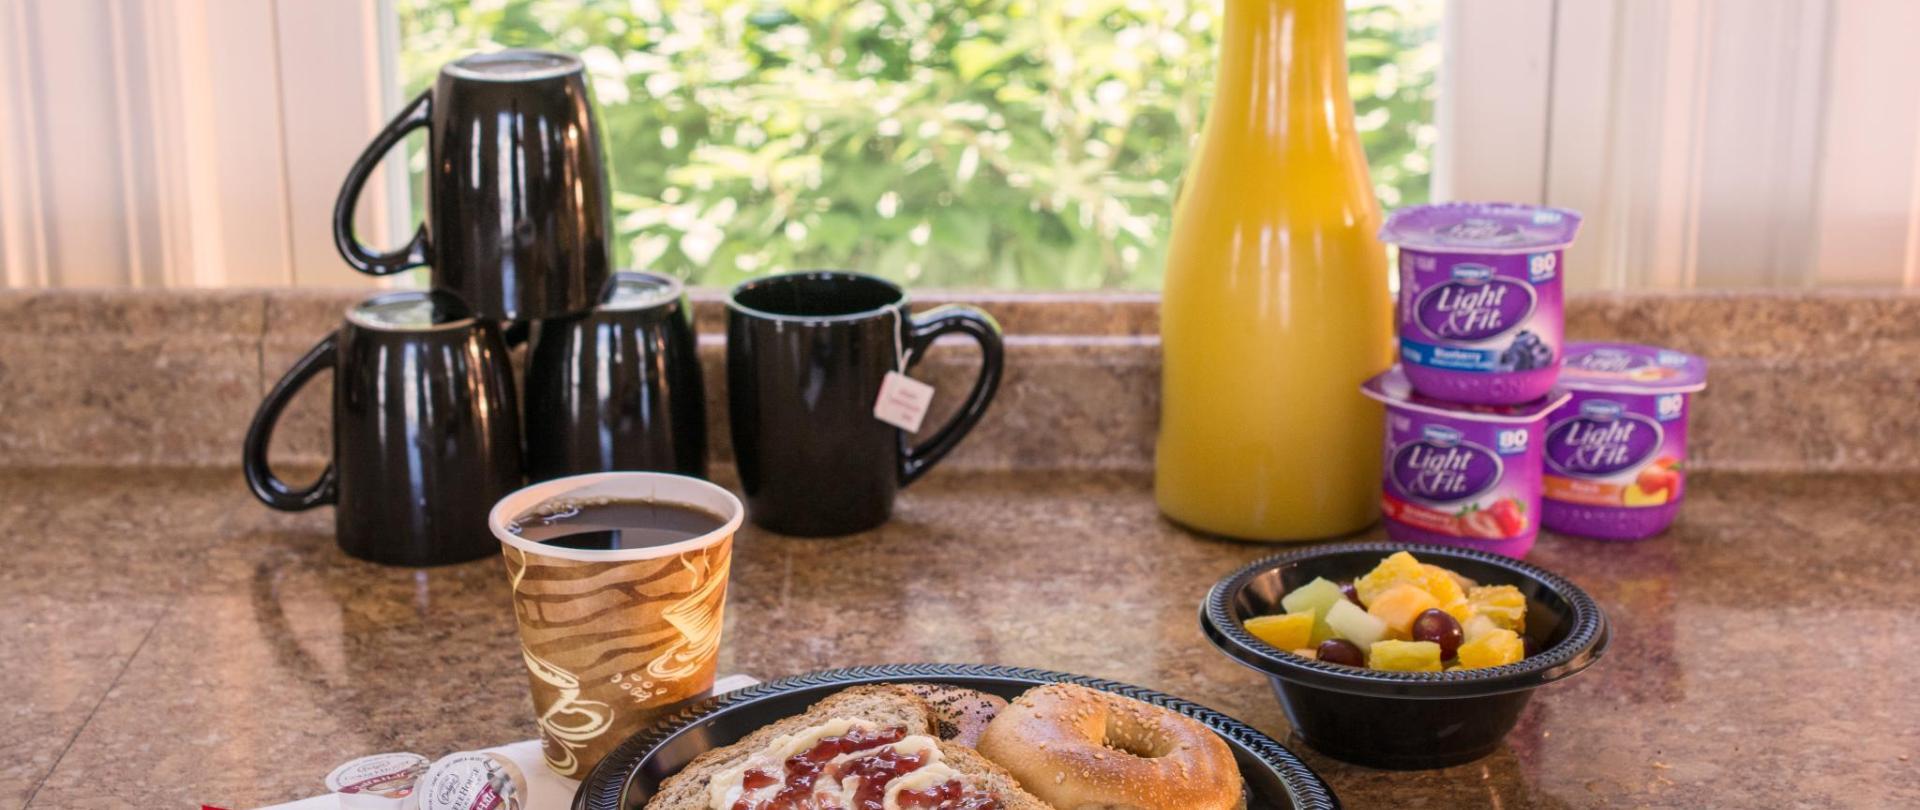 Breakfast 3.jpg